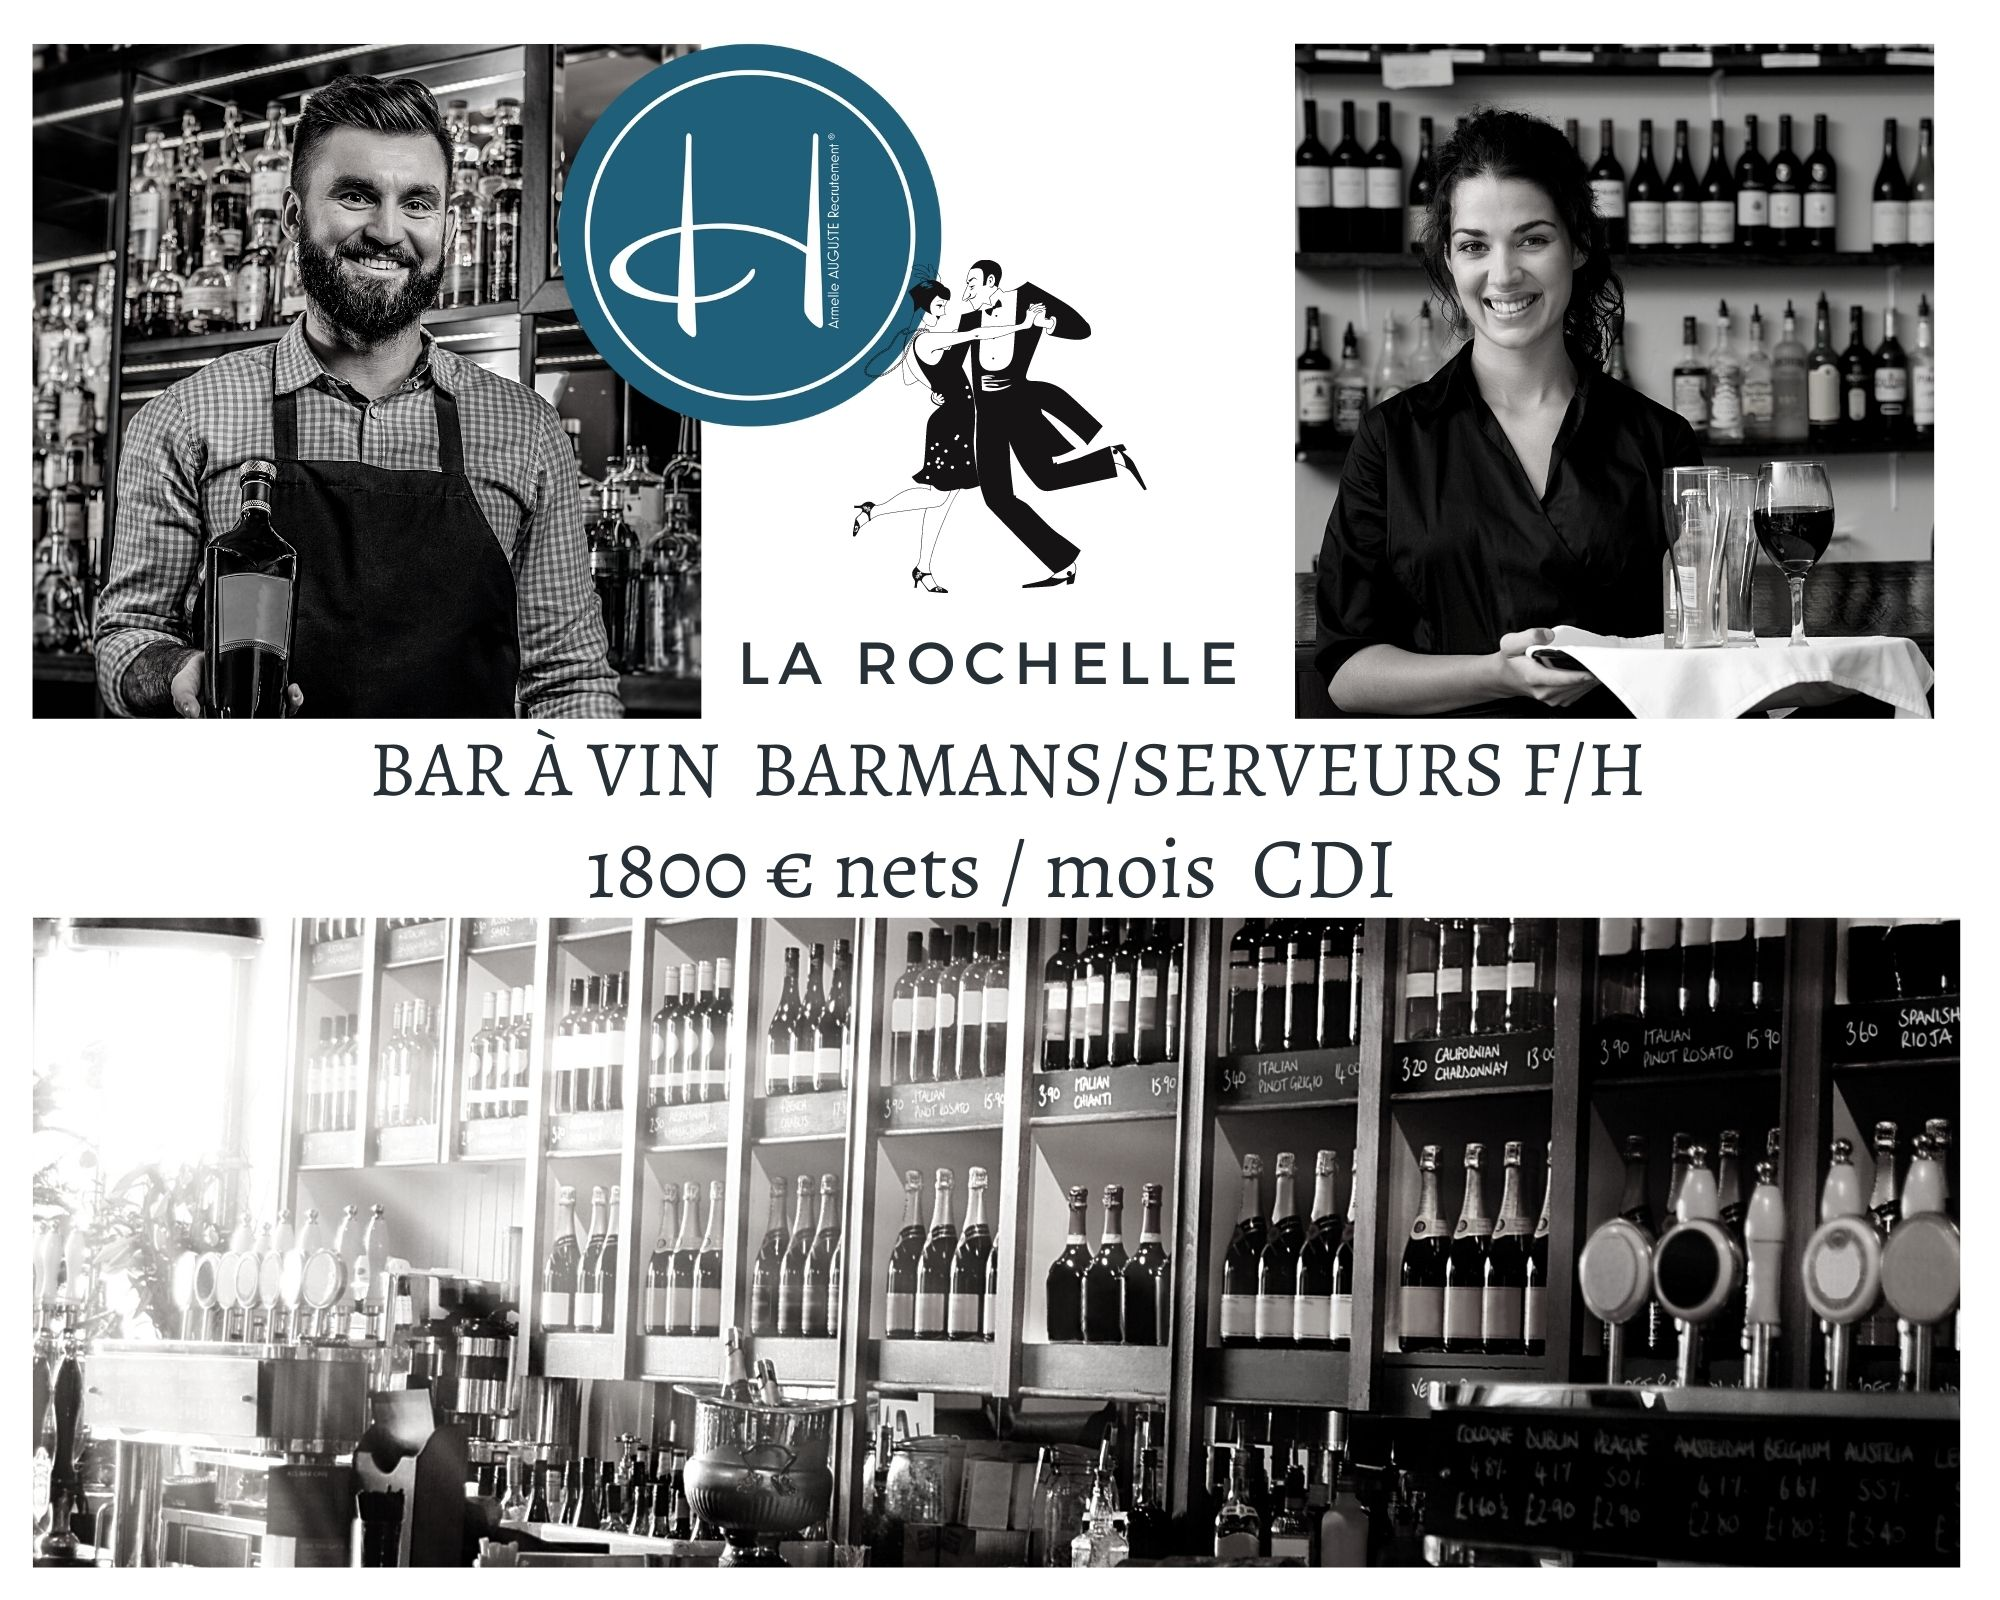 Recrutement: Barmans/serveurs - Bar à vin - La Rochelle F/H chez Armelle AUGUSTE Recrutement® à La Rochelle